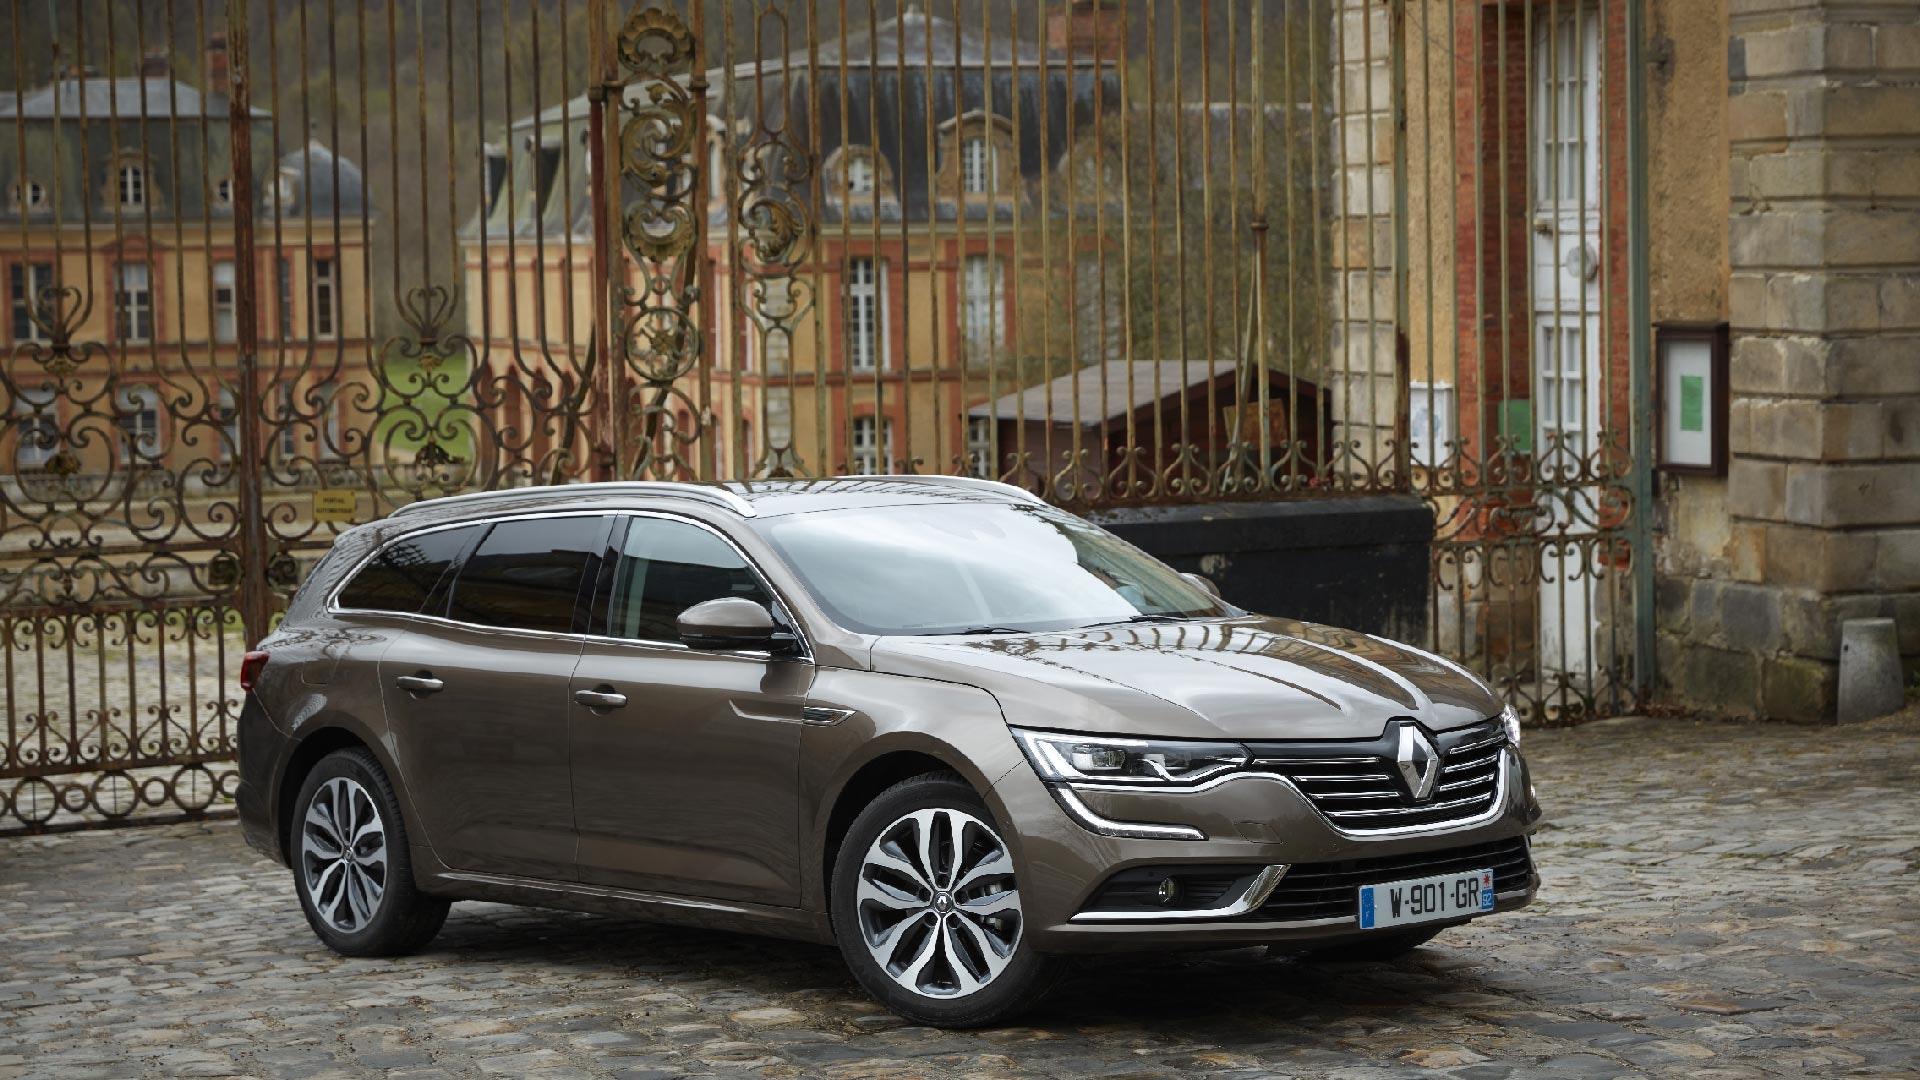 Renault Talisman front beige